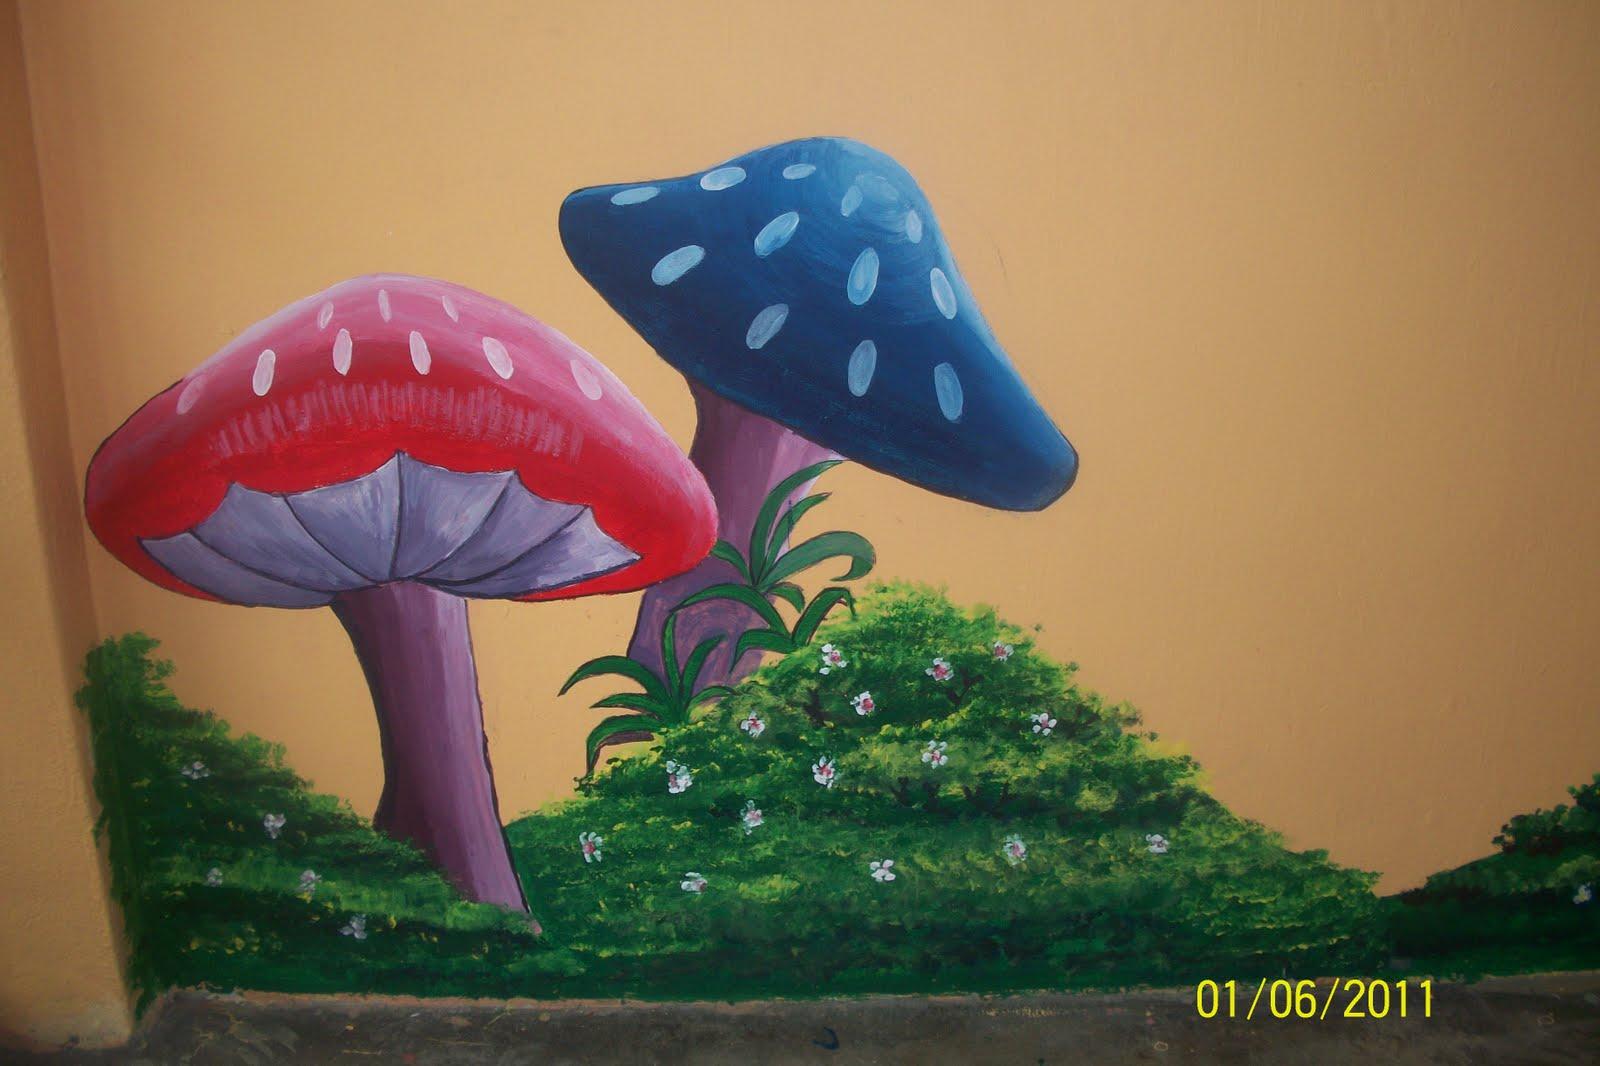 Mural contoh lukisan dinding mural mural contoh lukisan for Contoh lukisan mural tadika